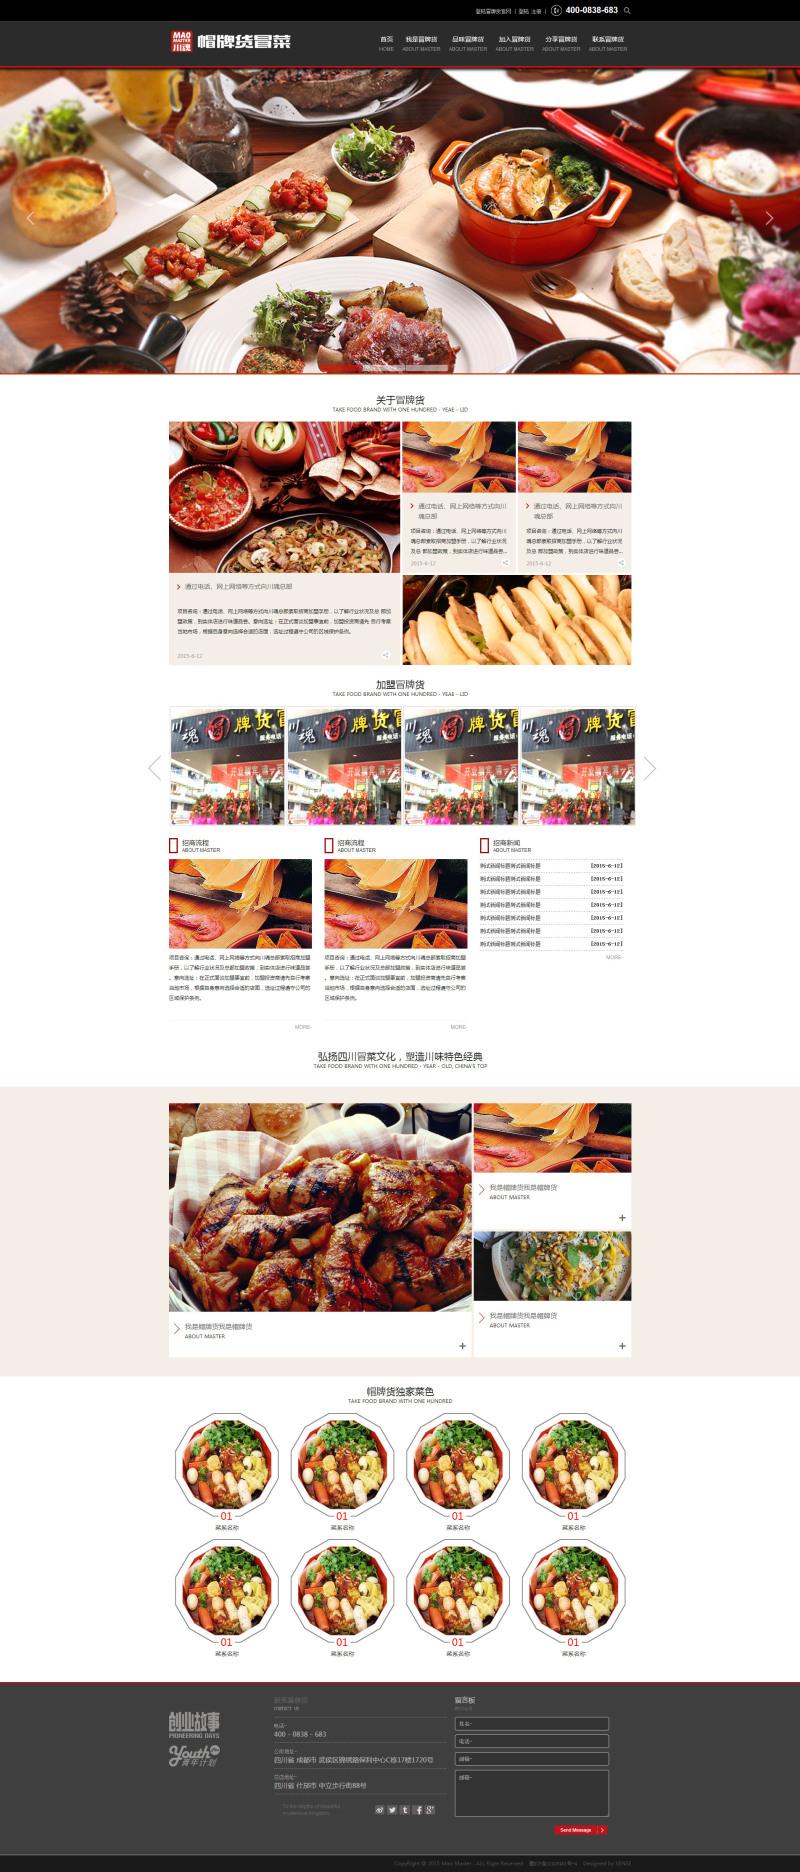 企业餐饮小吃加盟官方html网站模板下载